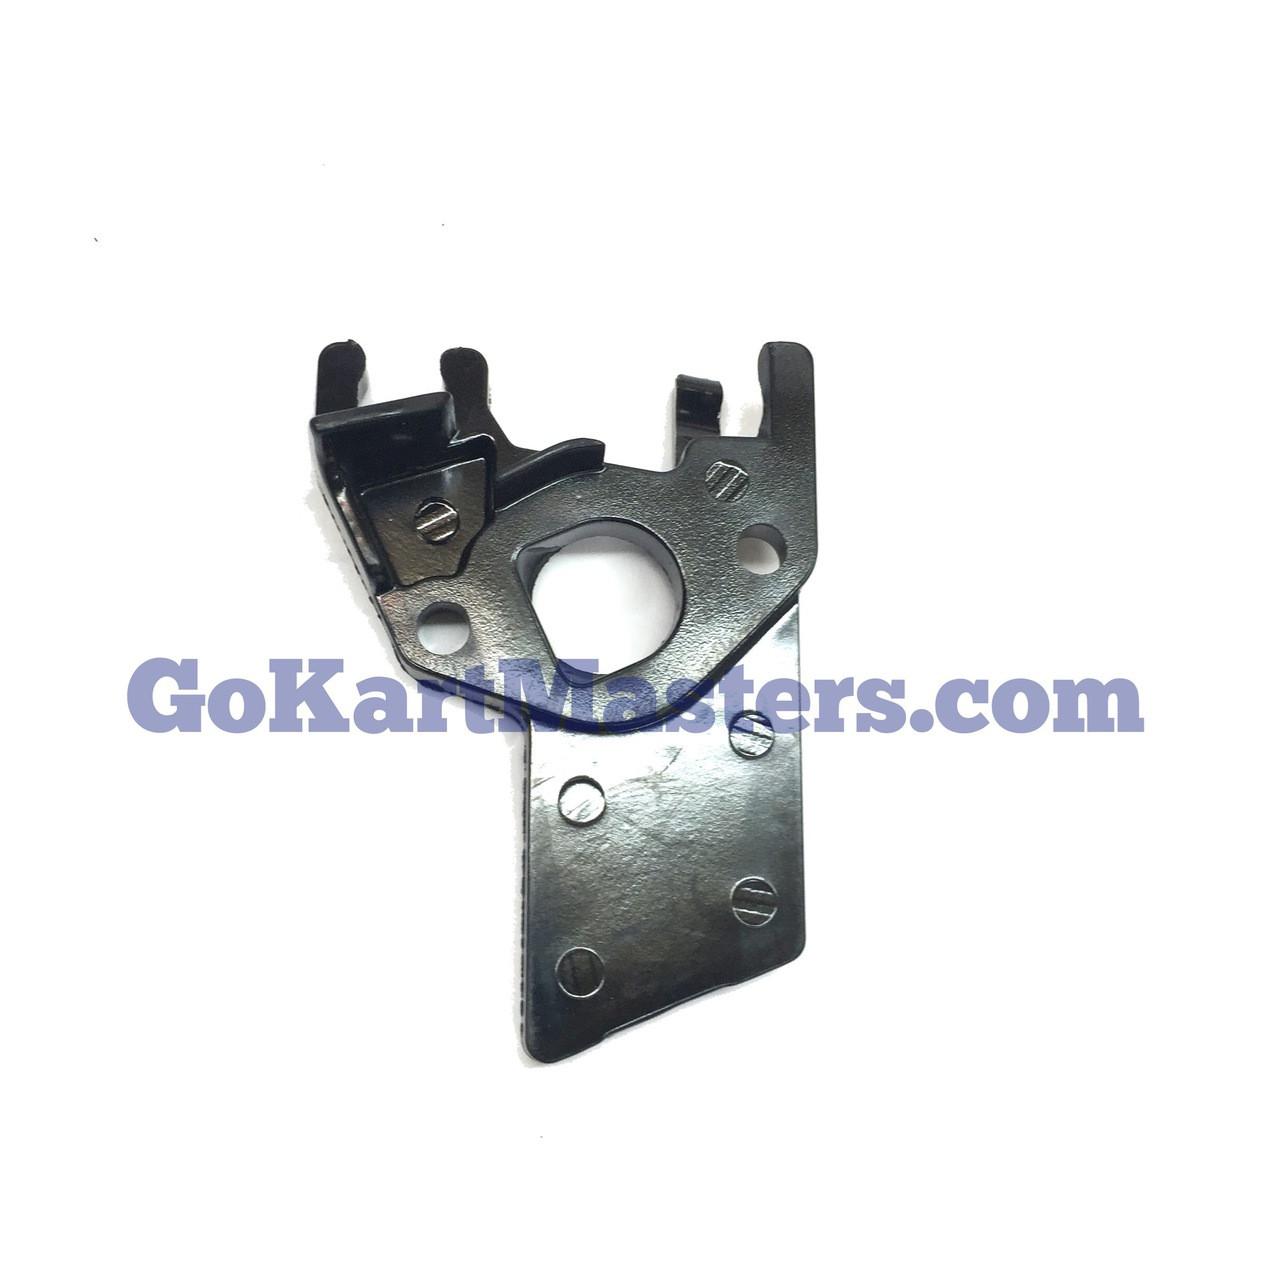 TrailMaster Mini & Mid Carburetor Gasket/Insulator Set